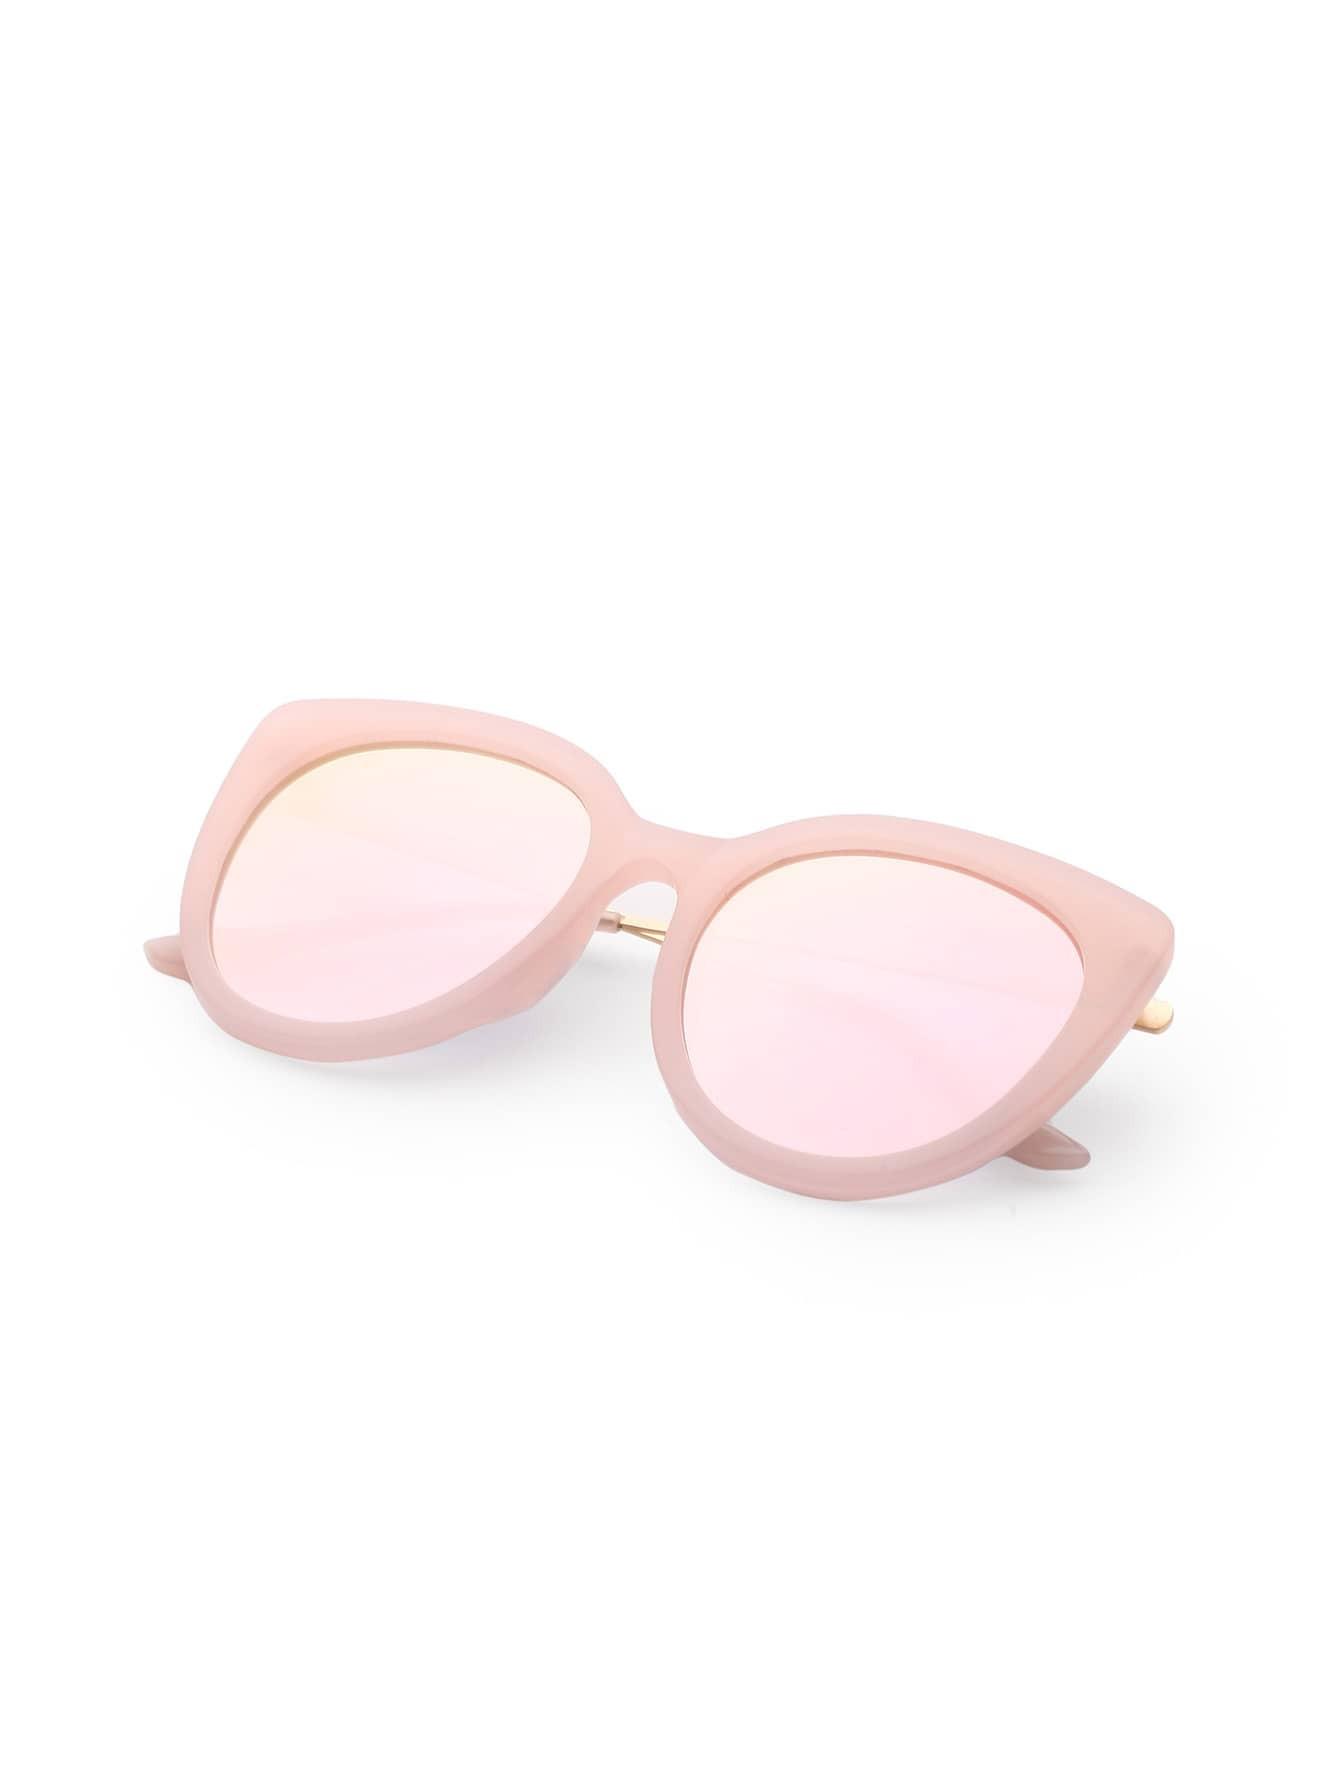 rosa objektiv katze auge sonnenbrille german shein sheinside. Black Bedroom Furniture Sets. Home Design Ideas